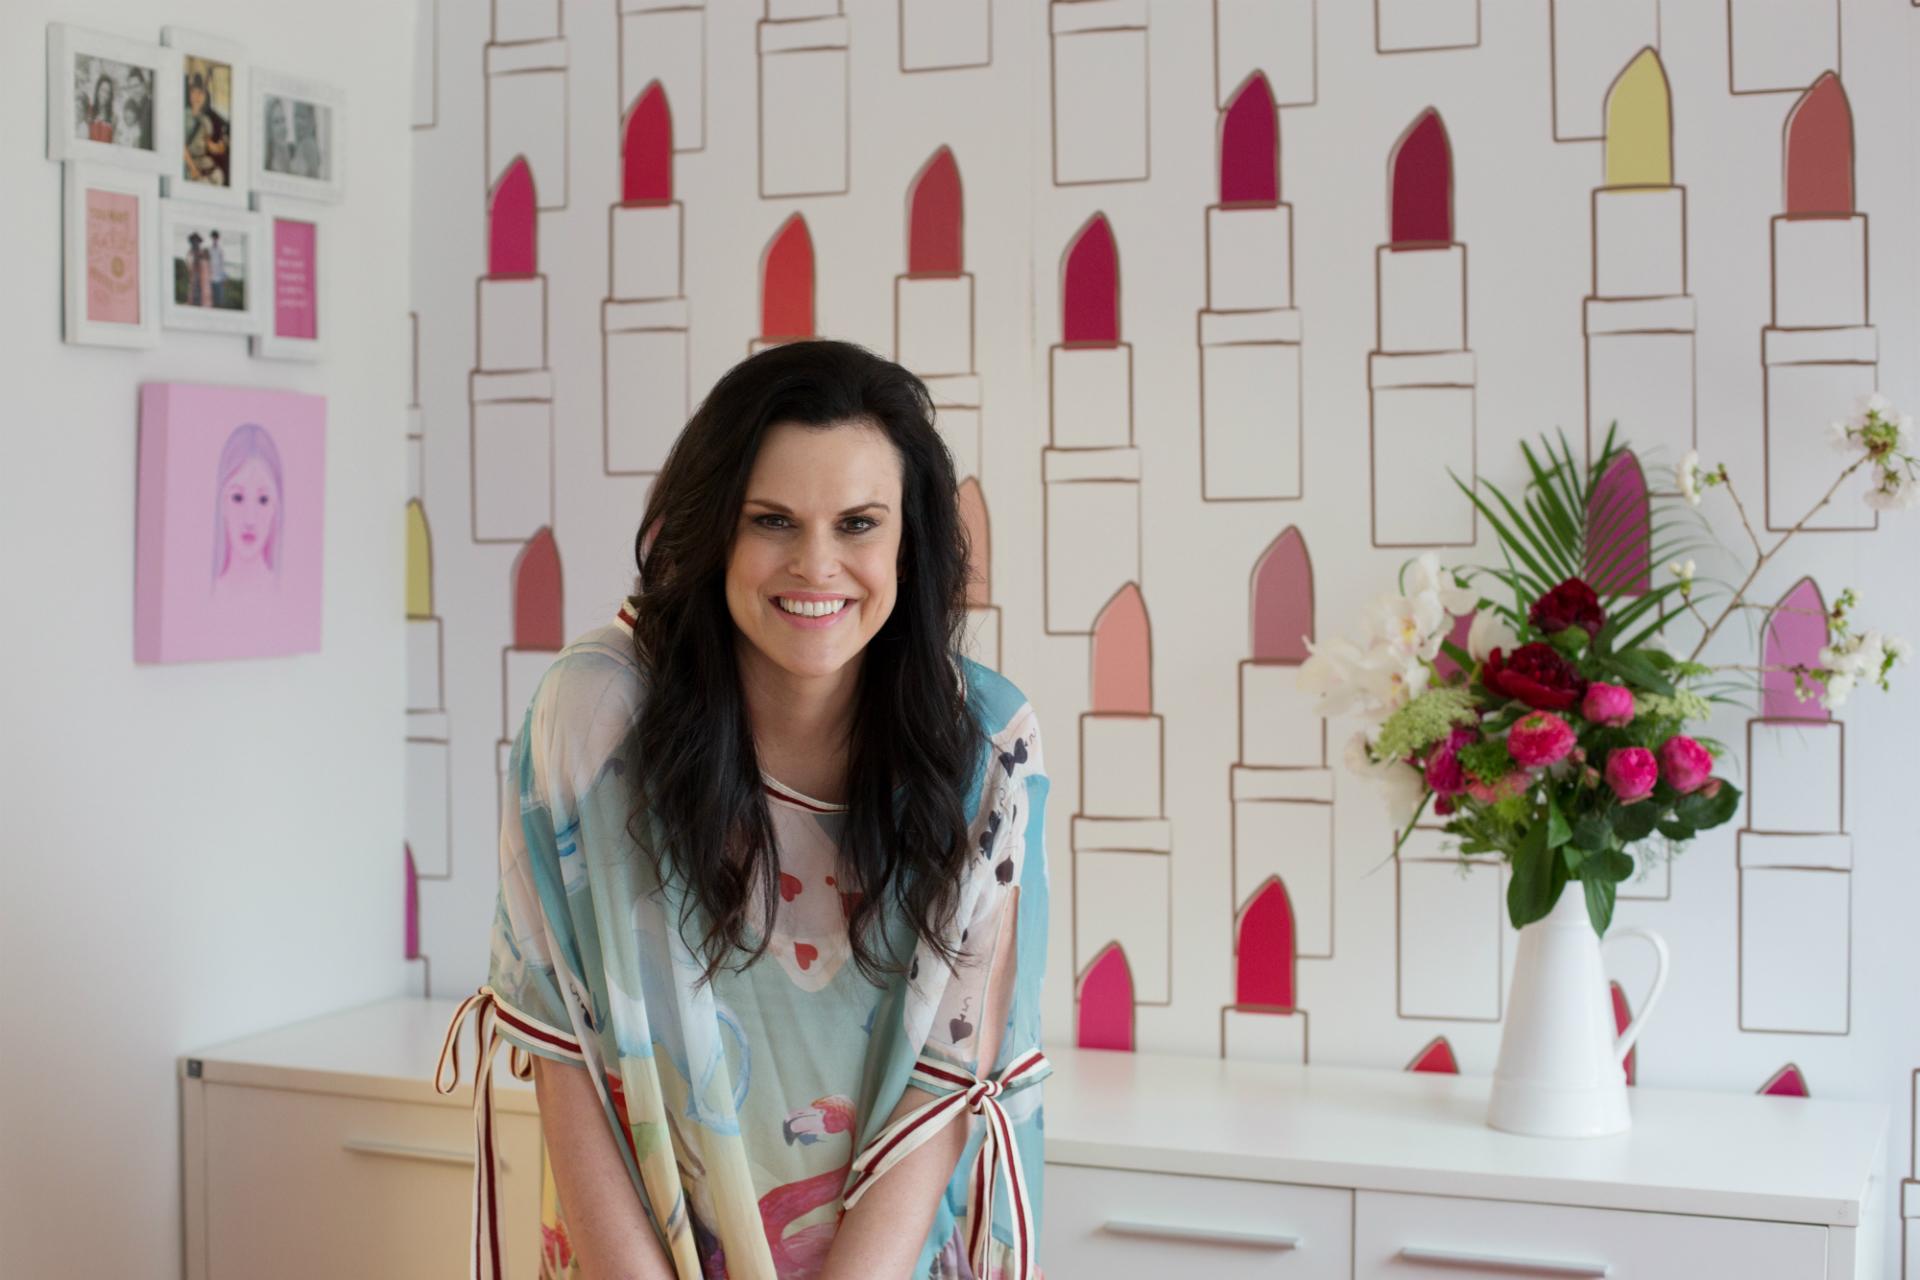 從喜歡花和口紅的女孩,到經營跨國品牌的創業家 - 紐西蘭天然口紅品牌創辦人 Karen Murrell